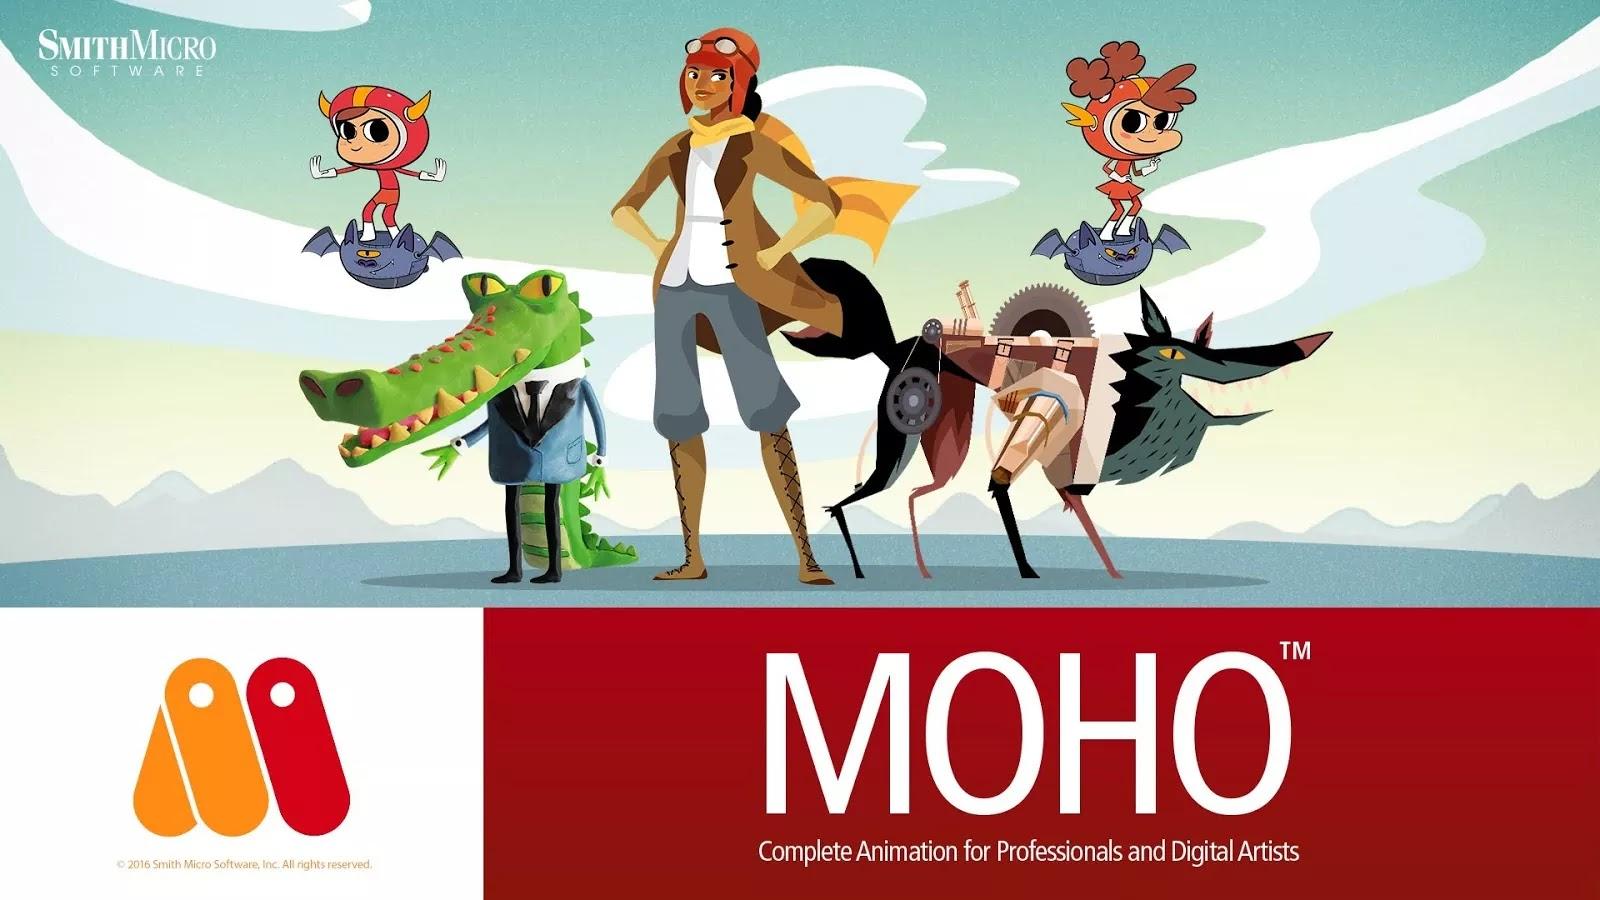 تحميل برنامج Smith Micro Moho Pro 13 لإنشاء رسوم متحركة احترافية